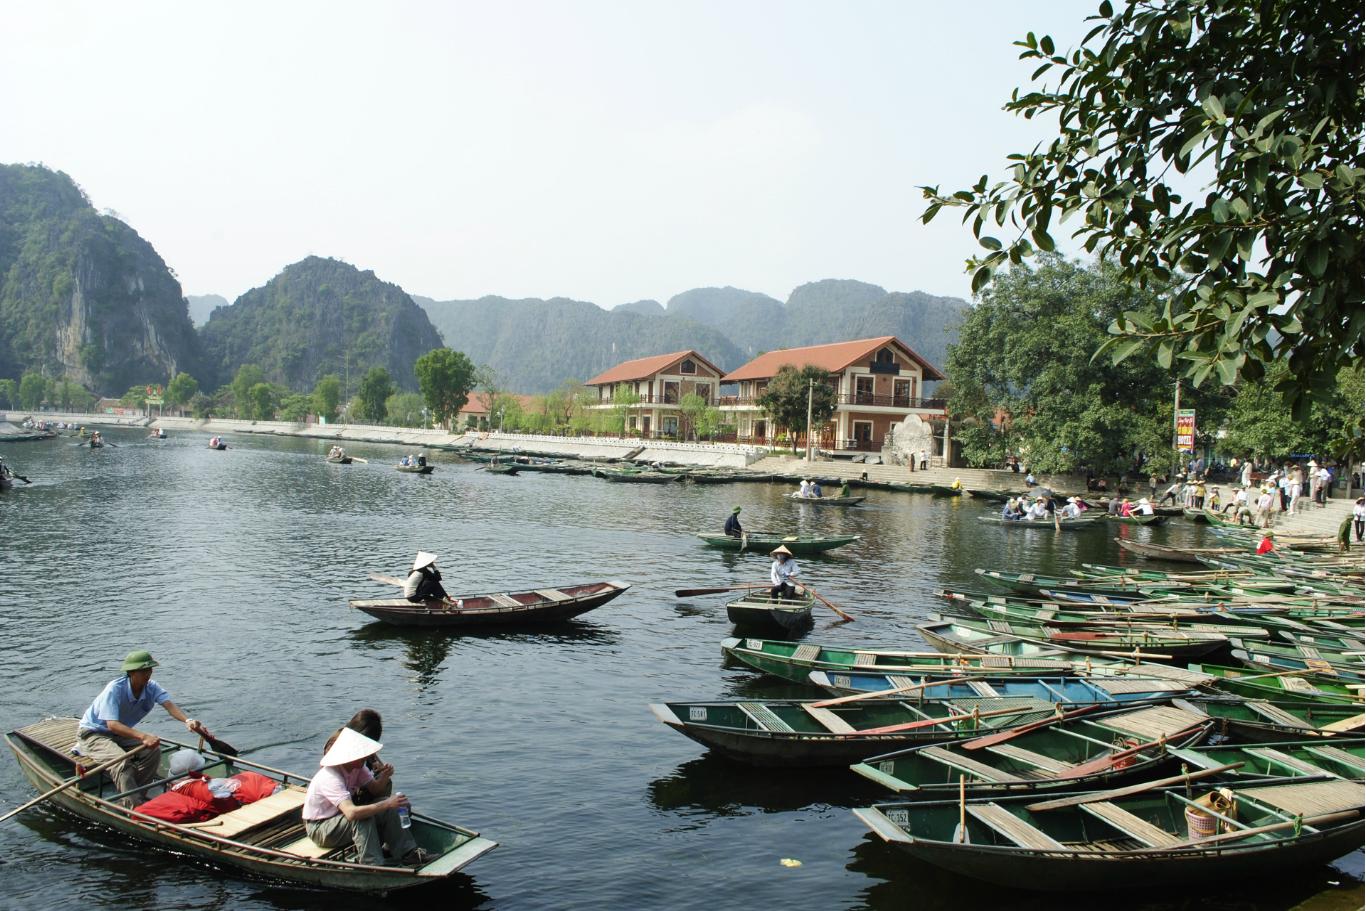 Many-rowing-boats-at-Tam-Coc-wharf-Ninh-Binh